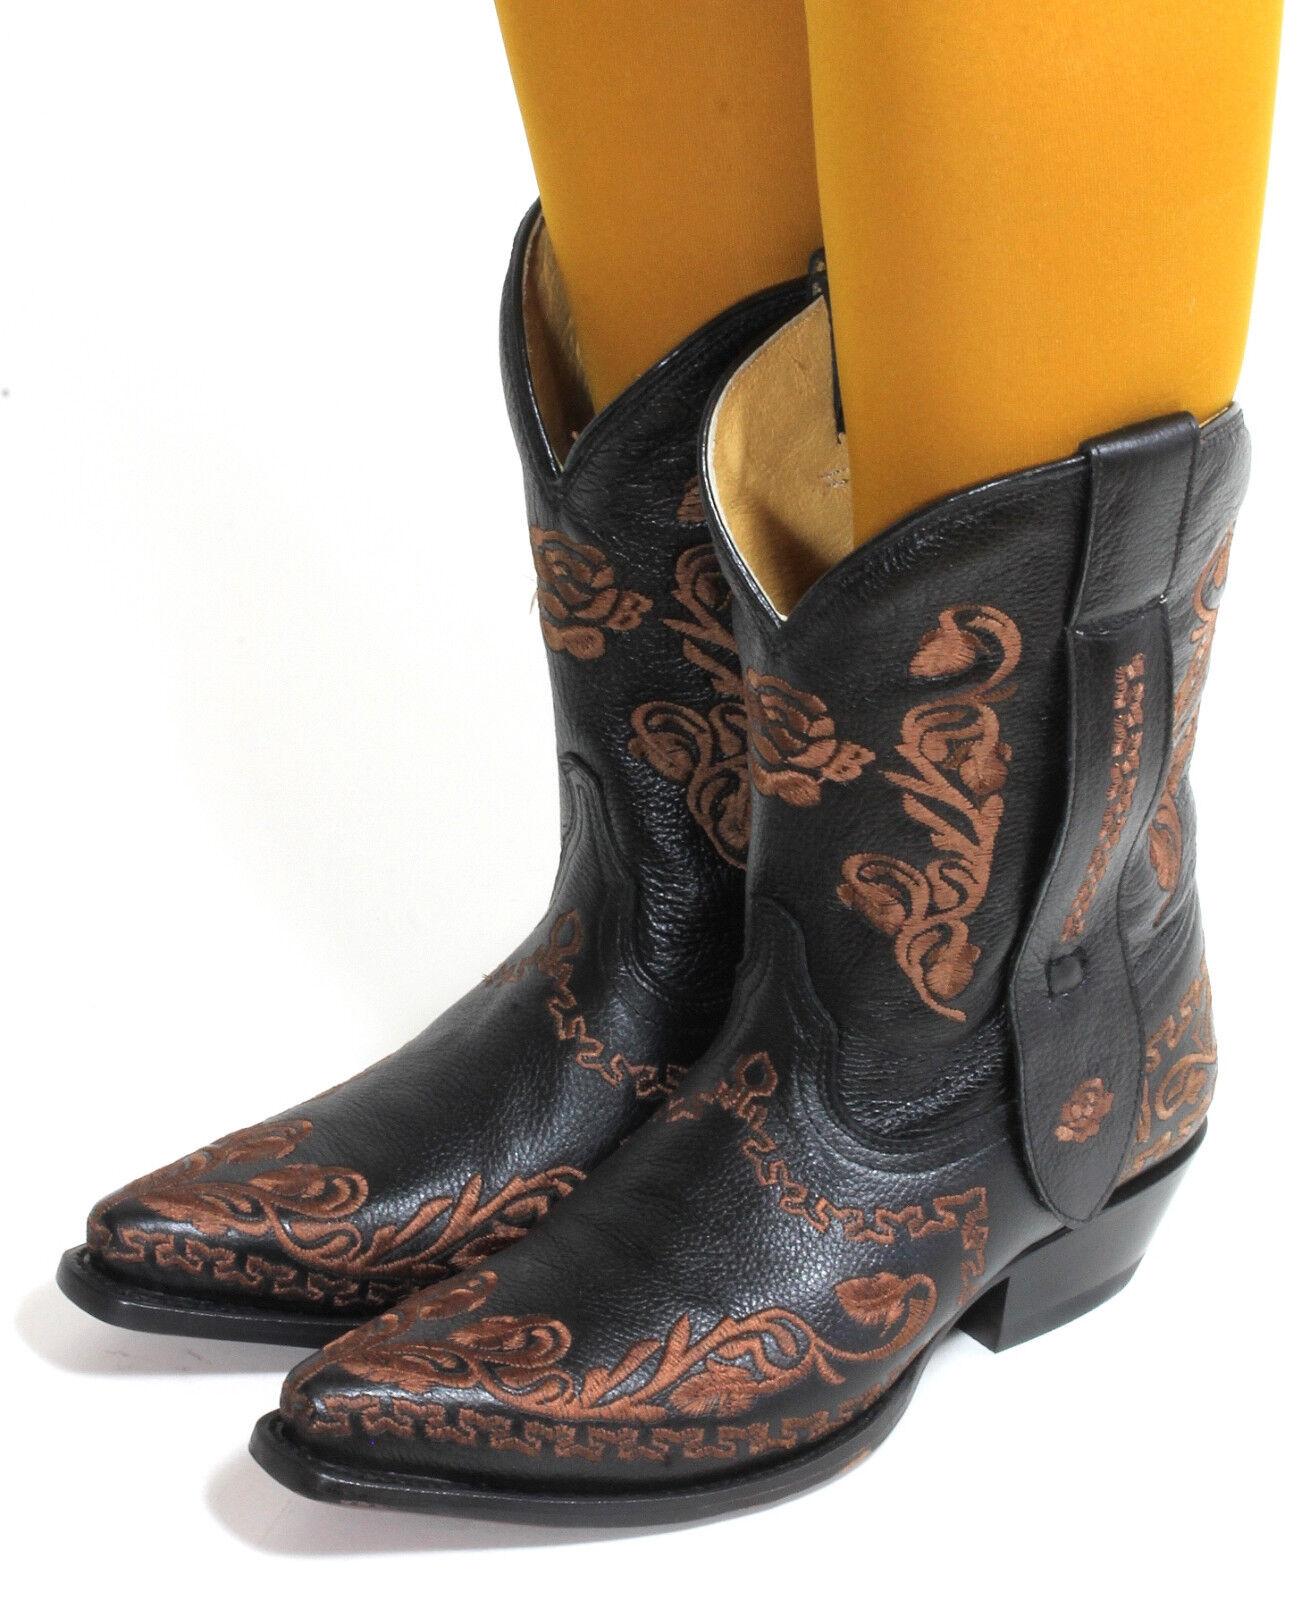 25 botas de vaquero Western Western Western botas texas botas bordado solchaga style Rudel 37  tiendas minoristas